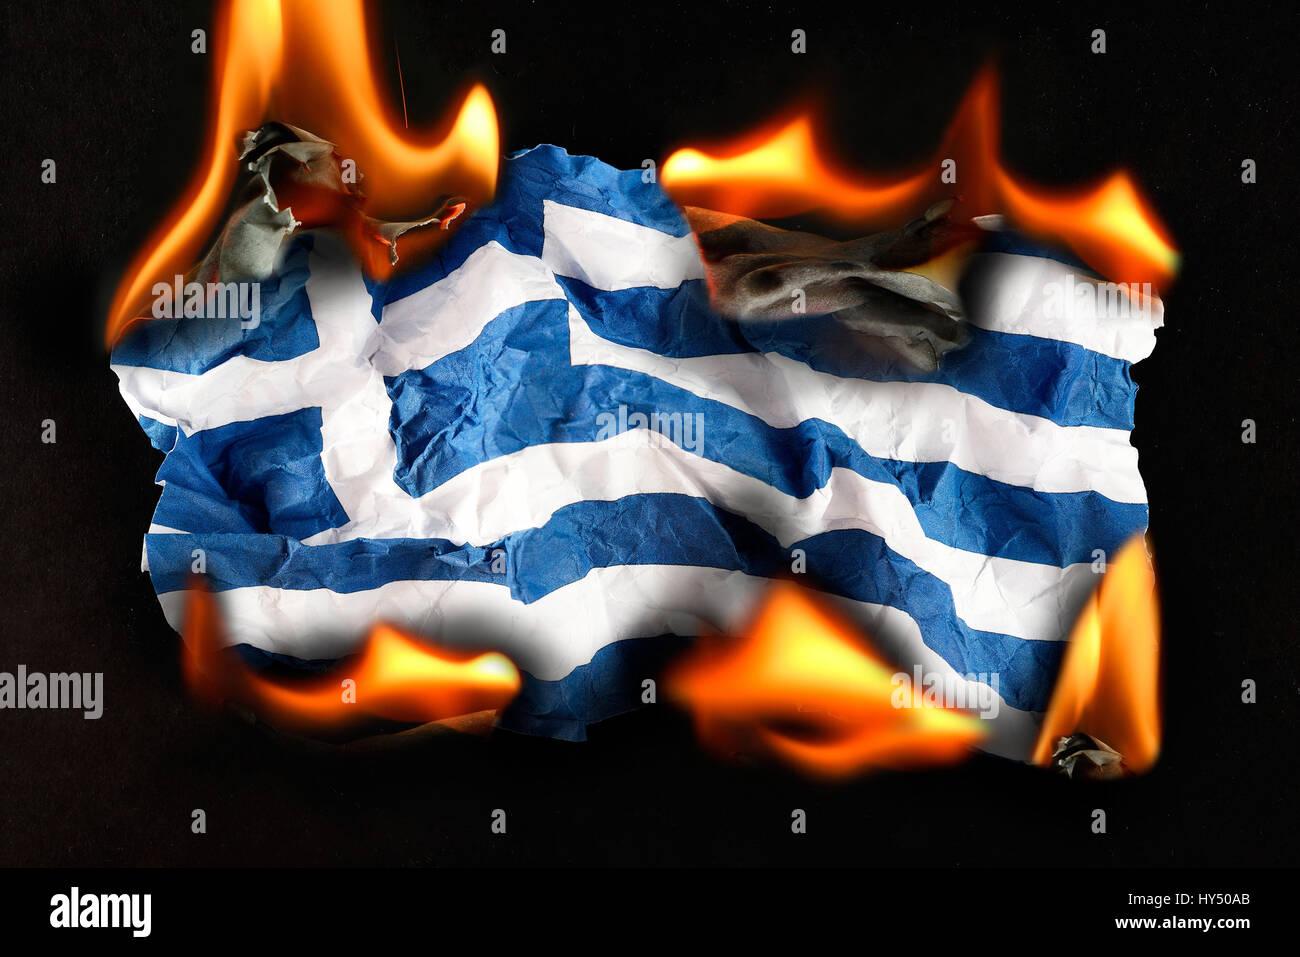 Greece flag in flames symbolic photo debt quarrel greece flag in flames symbolic photo debt quarrel griechenlandfahne in flammen symbolfoto schuldenstreit buycottarizona